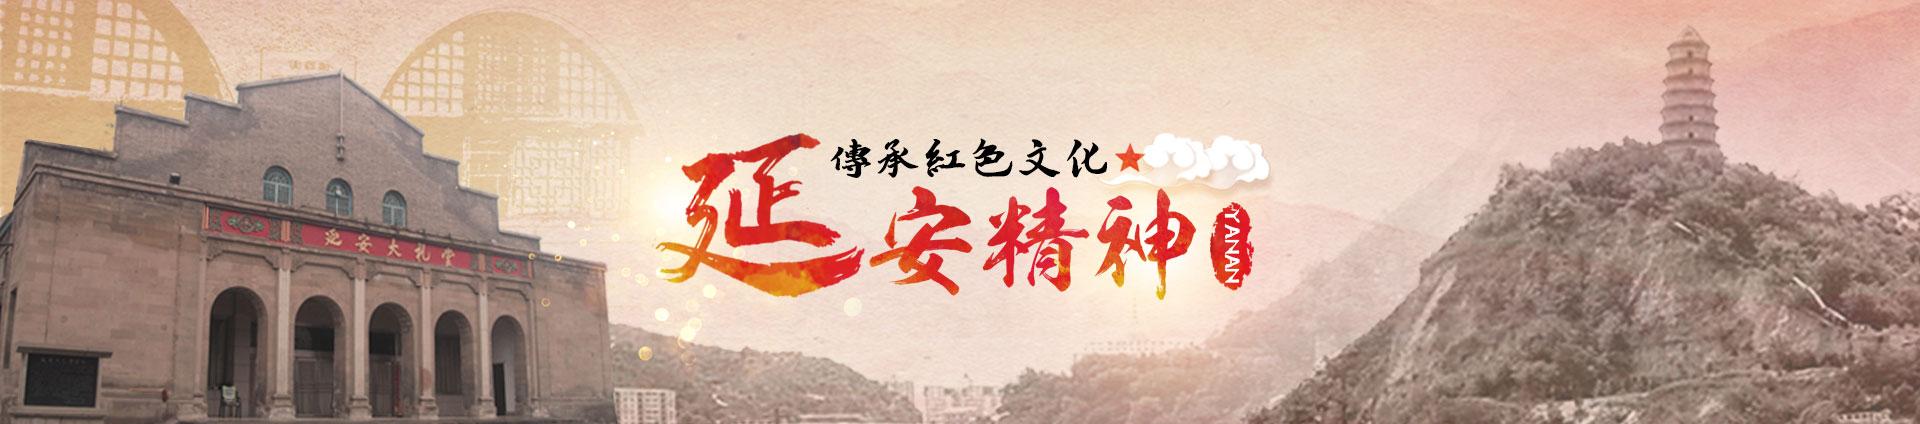 延安安塞区黄土地教育培训中心党性教育培训